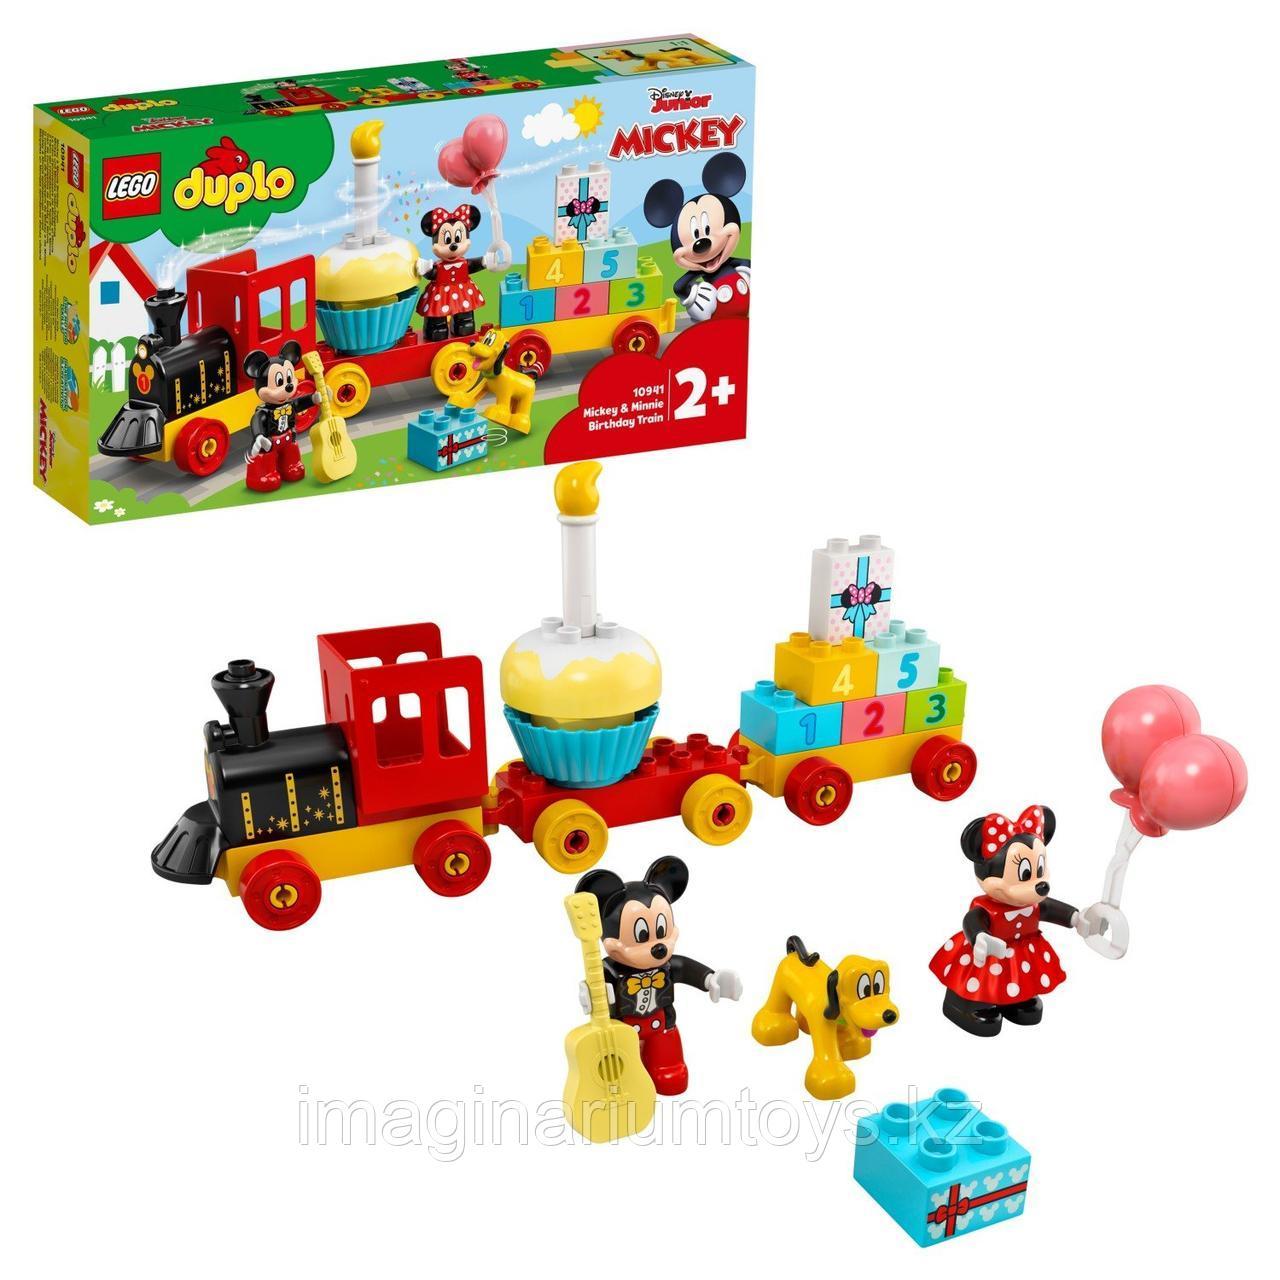 Конструктор LEGO Duplo Праздничный поезд Микки и Минни 10941